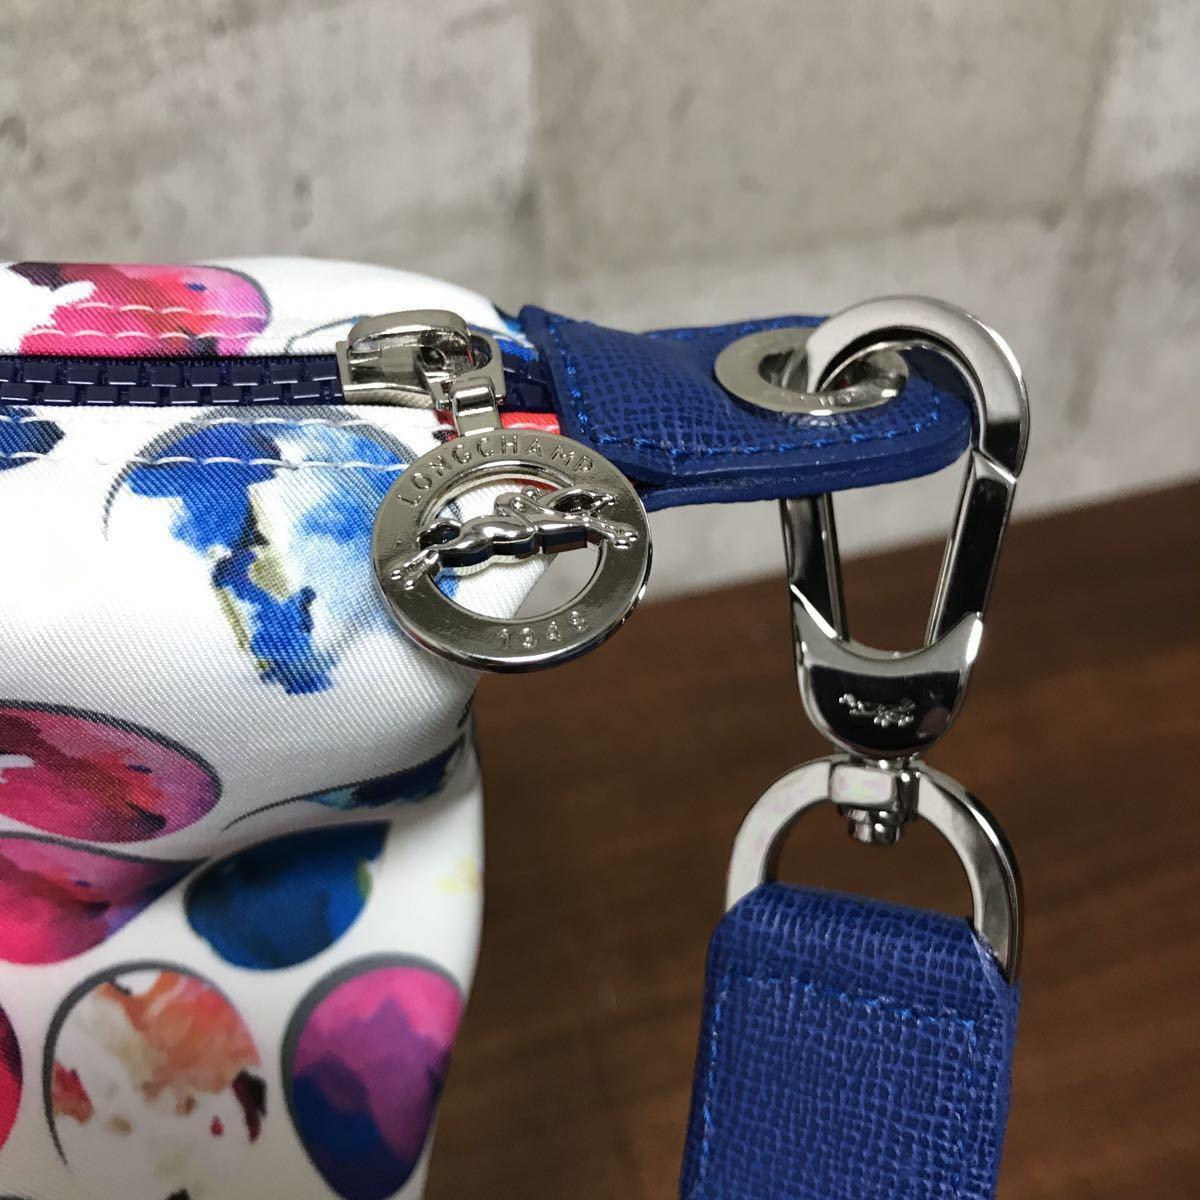 新品同様 LONGCHAMP ロンシャン バッグ ル プリアージュ ネオ トートバッグ 斜めがけ レディース ナイロン スクエア型 トートバッグ_画像4